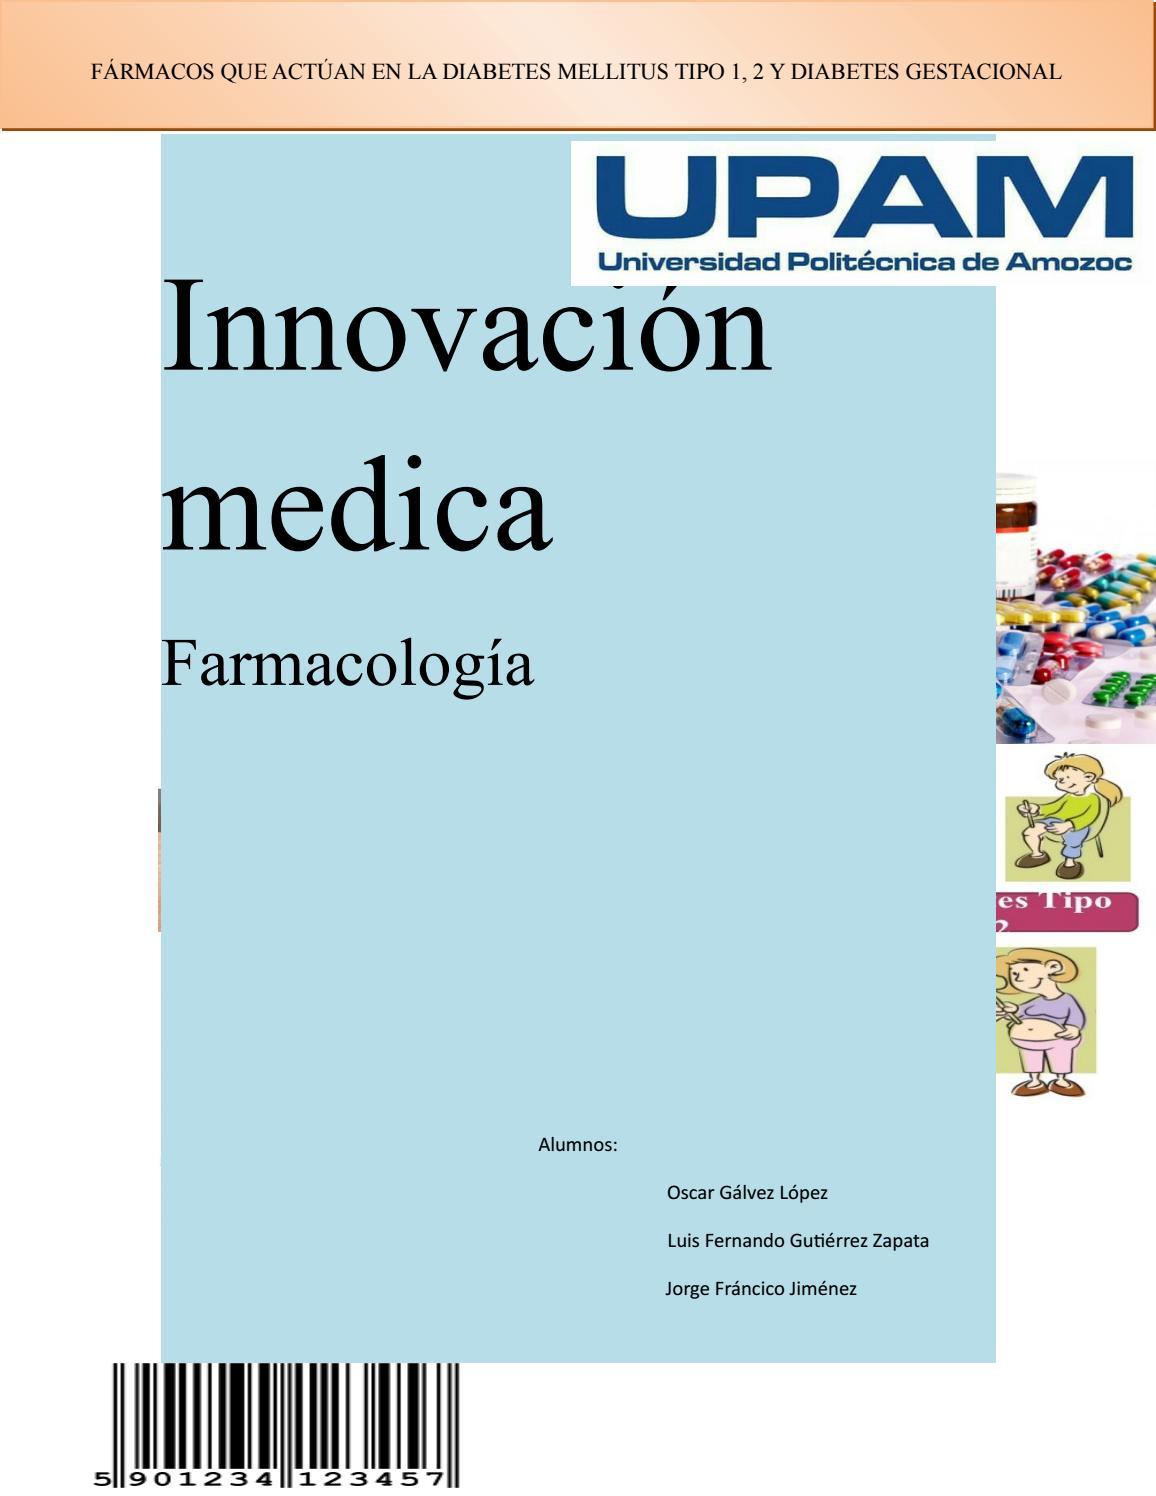 metformina 500mg pcos embarazo y diabetes gestacional